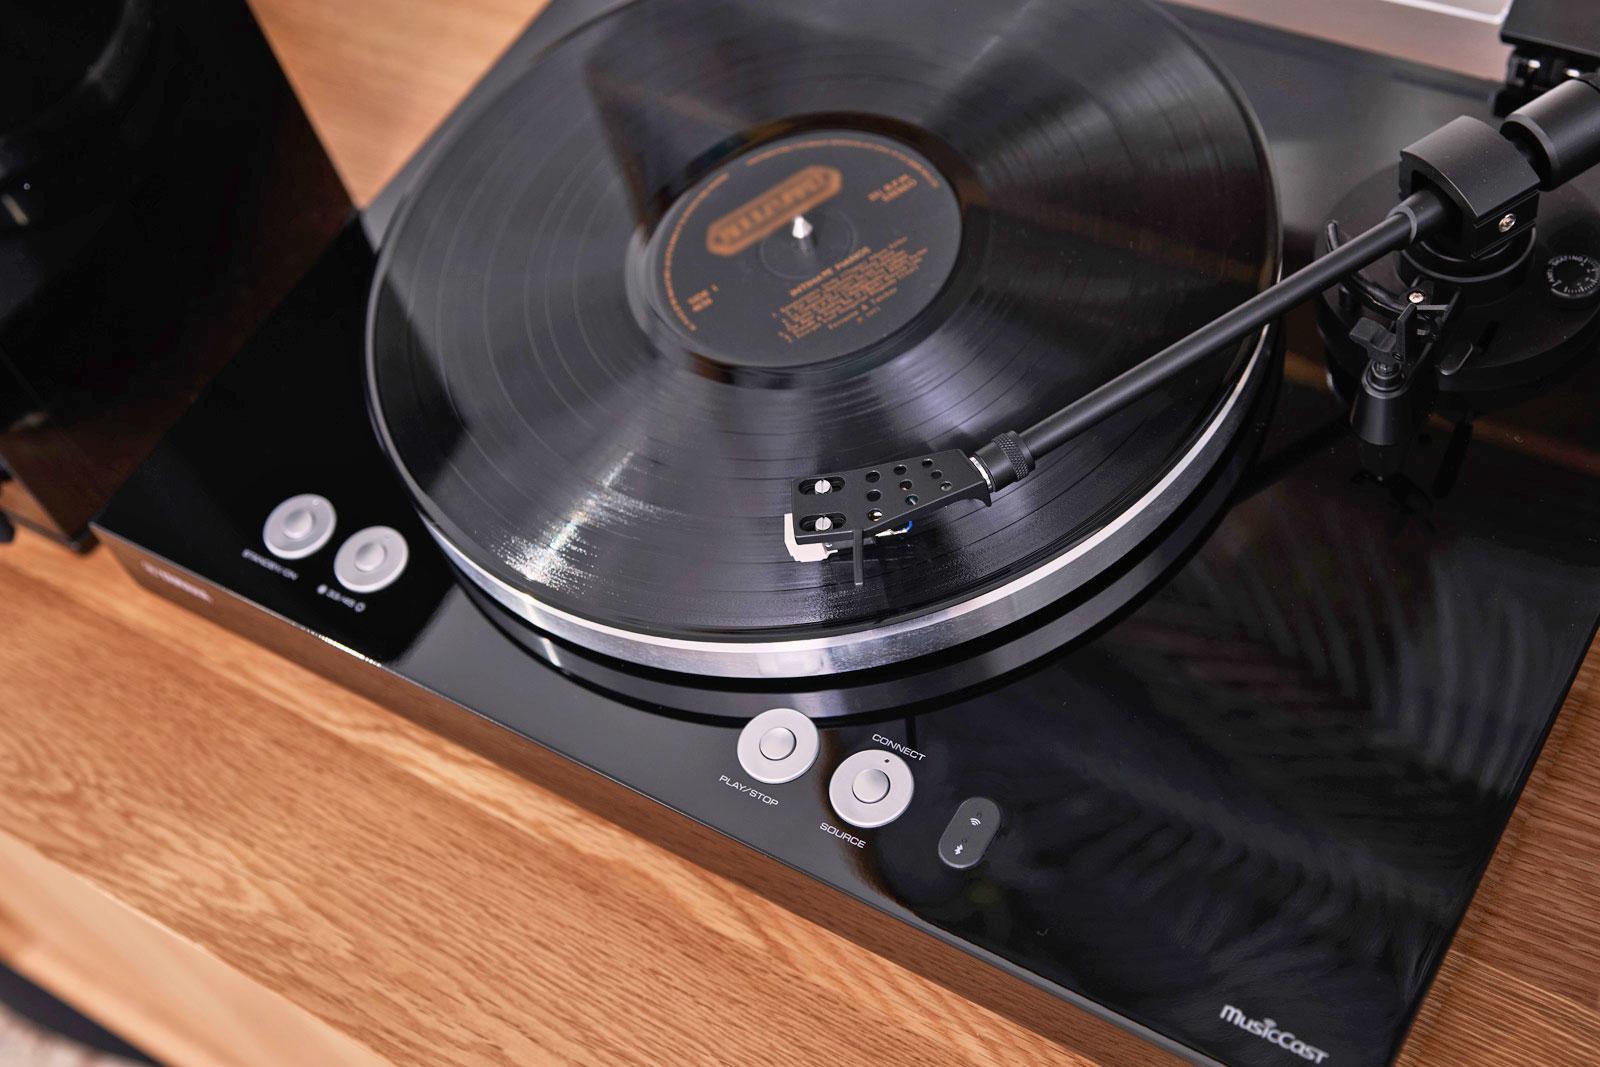 雅马哈将推新款黑胶唱片机 可通过WiFi传送到支持MusicCast技术的音箱上进行播放